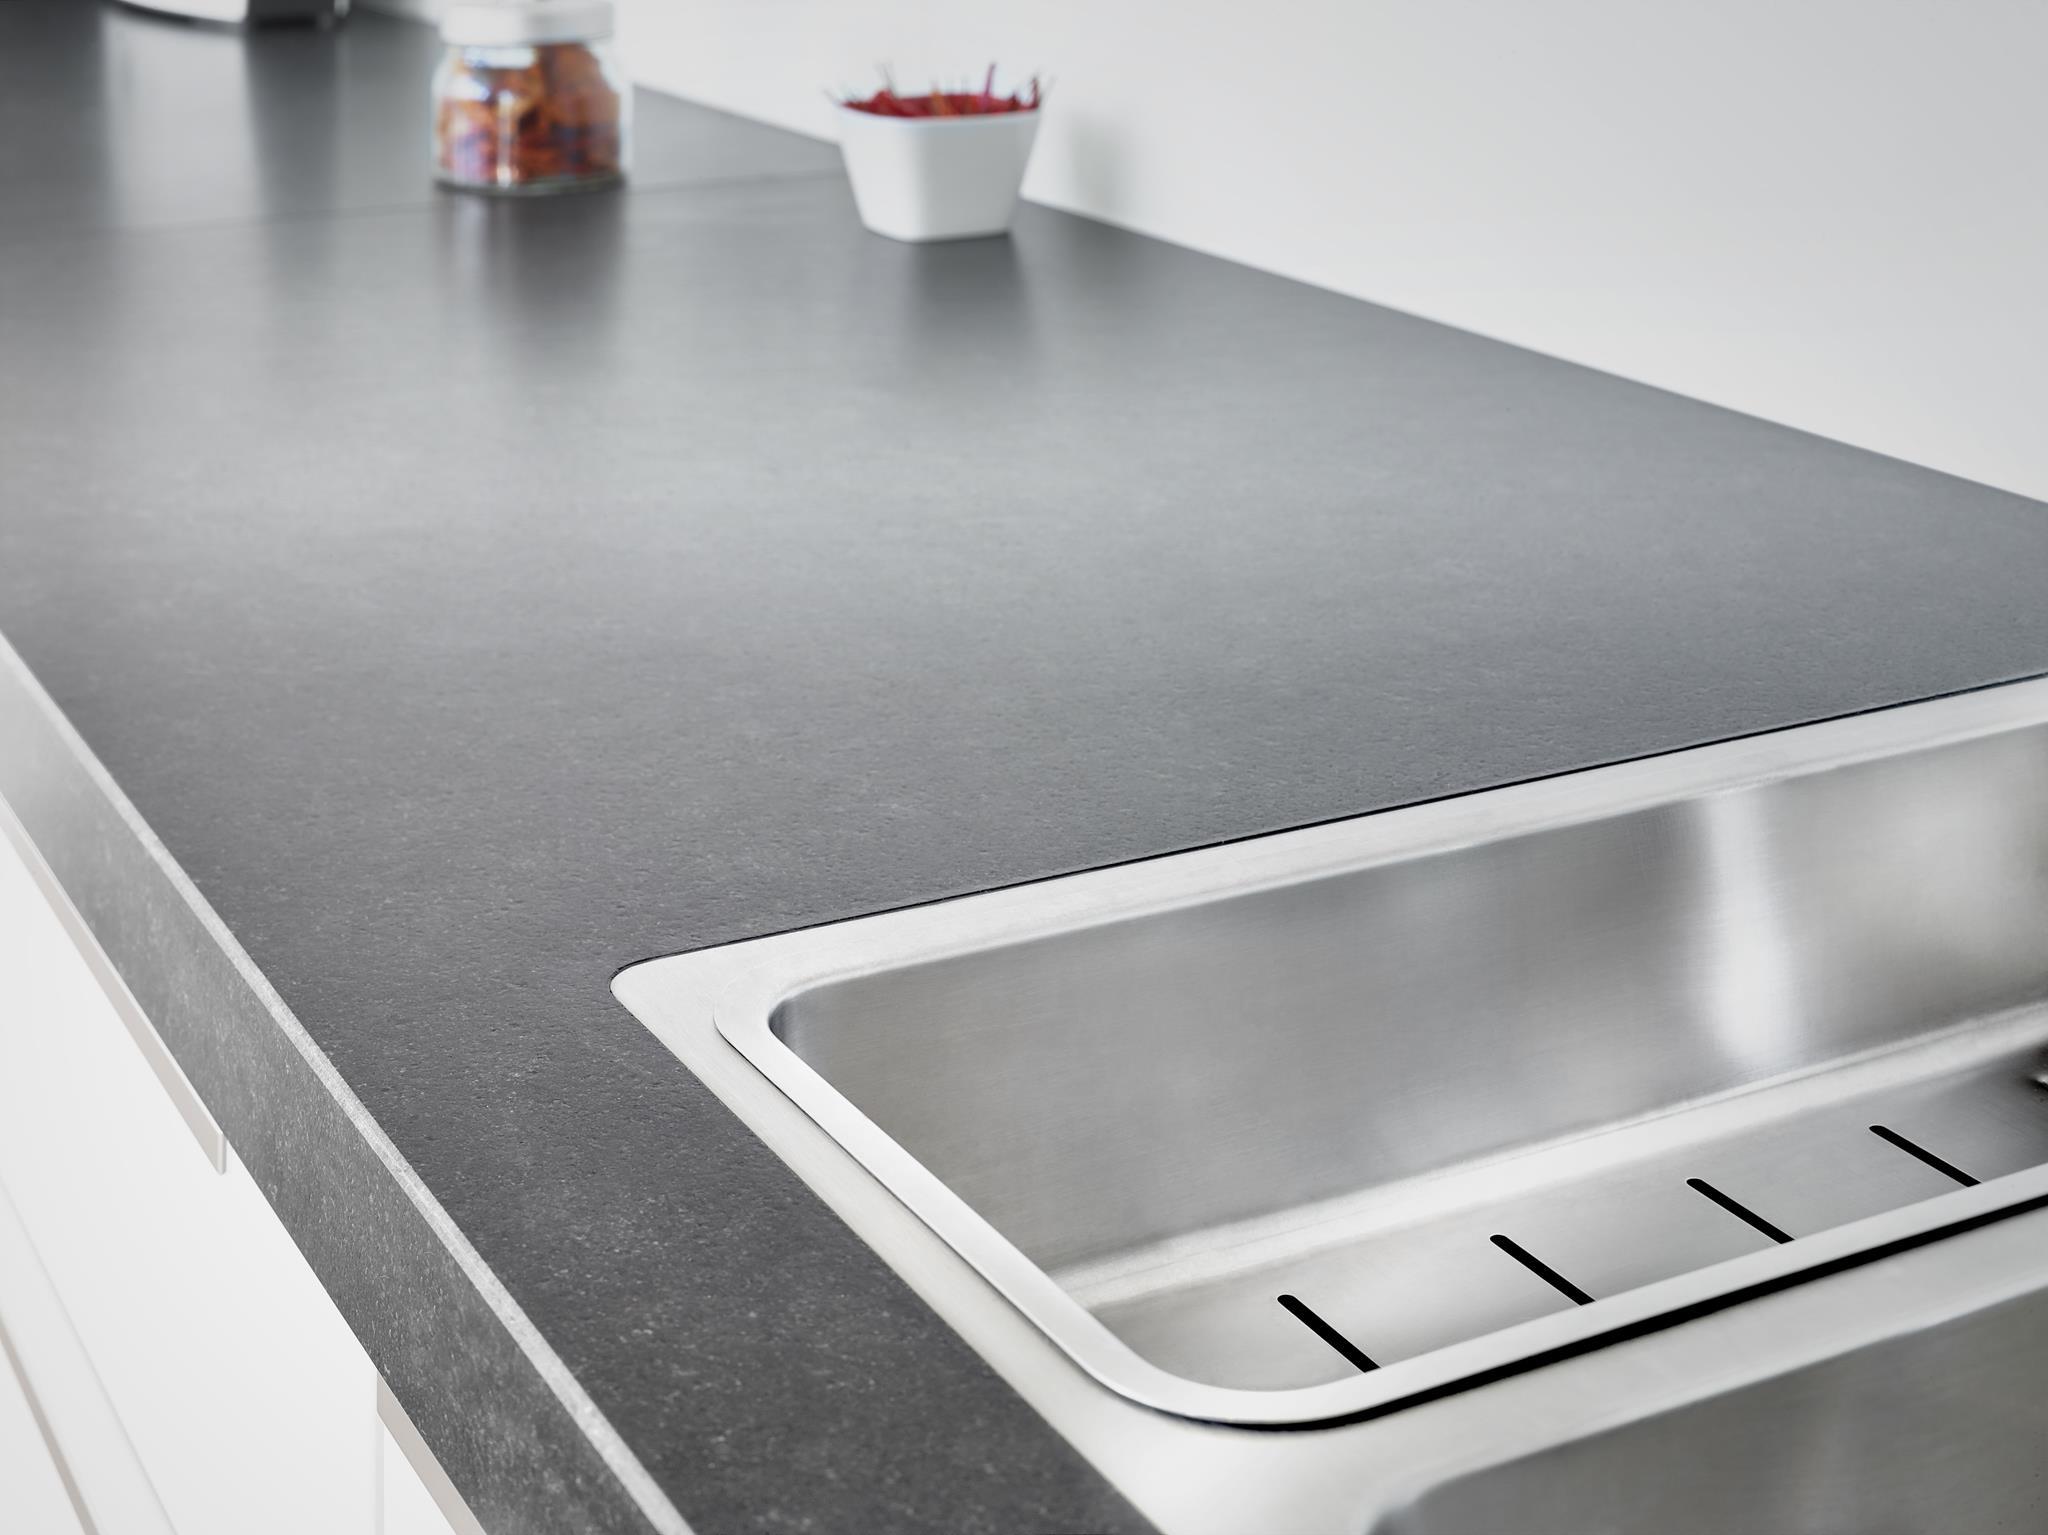 Full Size of Granit Arbeitsplatte Infos Sie Gebrauchen Knnen Küche Sideboard Mit Arbeitsplatten Granitplatten Wohnzimmer Granit Arbeitsplatte